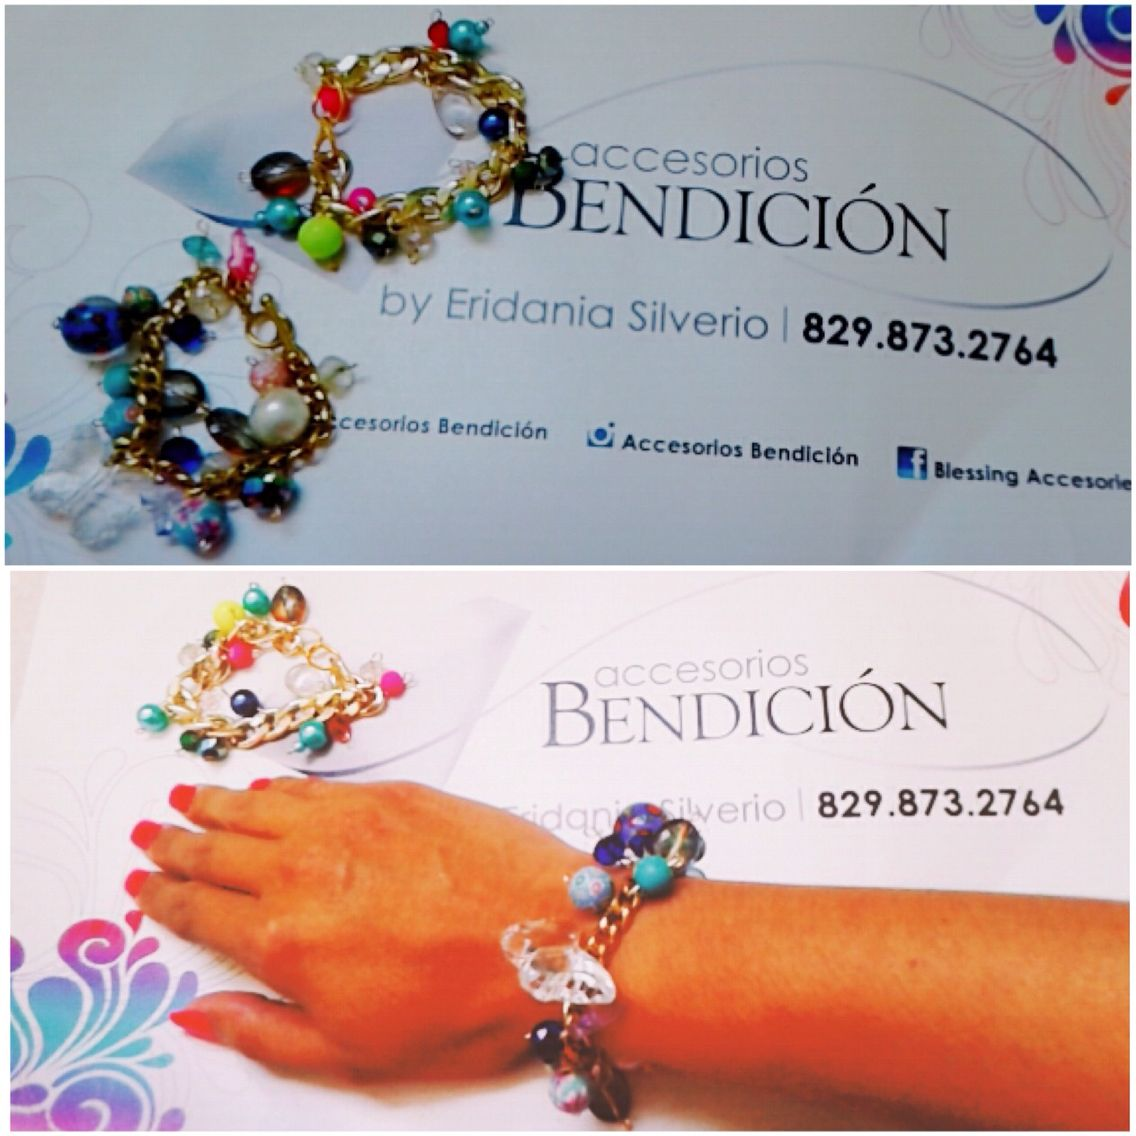 Pulseras Bendición, disponibles con #delivery y #envío disponible. Cel./WhatsApp📲829.873.2764 #accesoriosbendicion #BlessingStyle #hechoamano